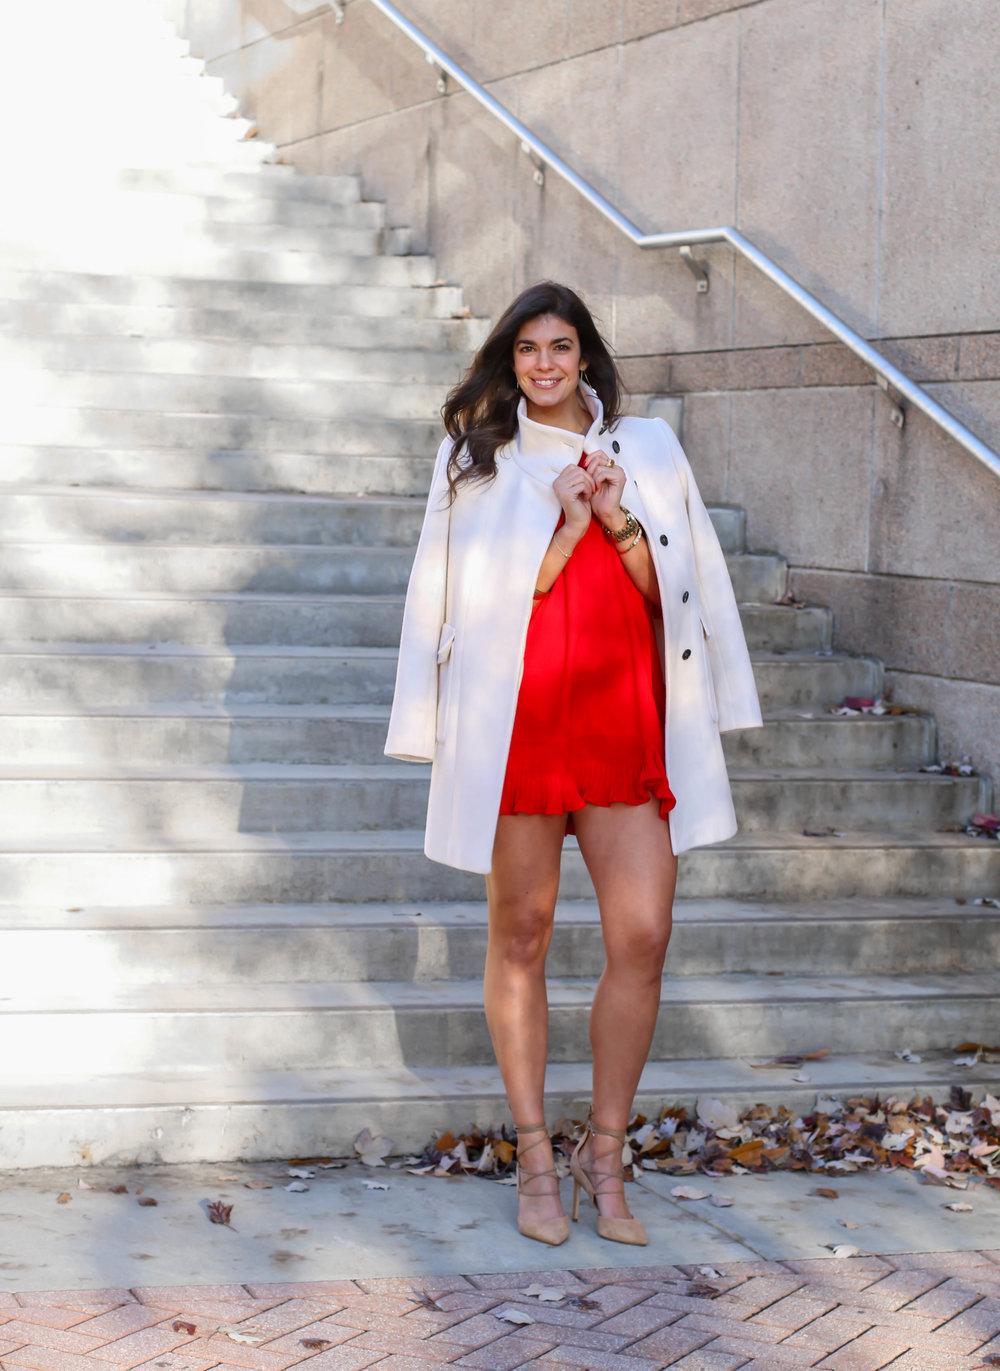 red-dress-ivory-coat-lauren-schwaiger-style.jpg